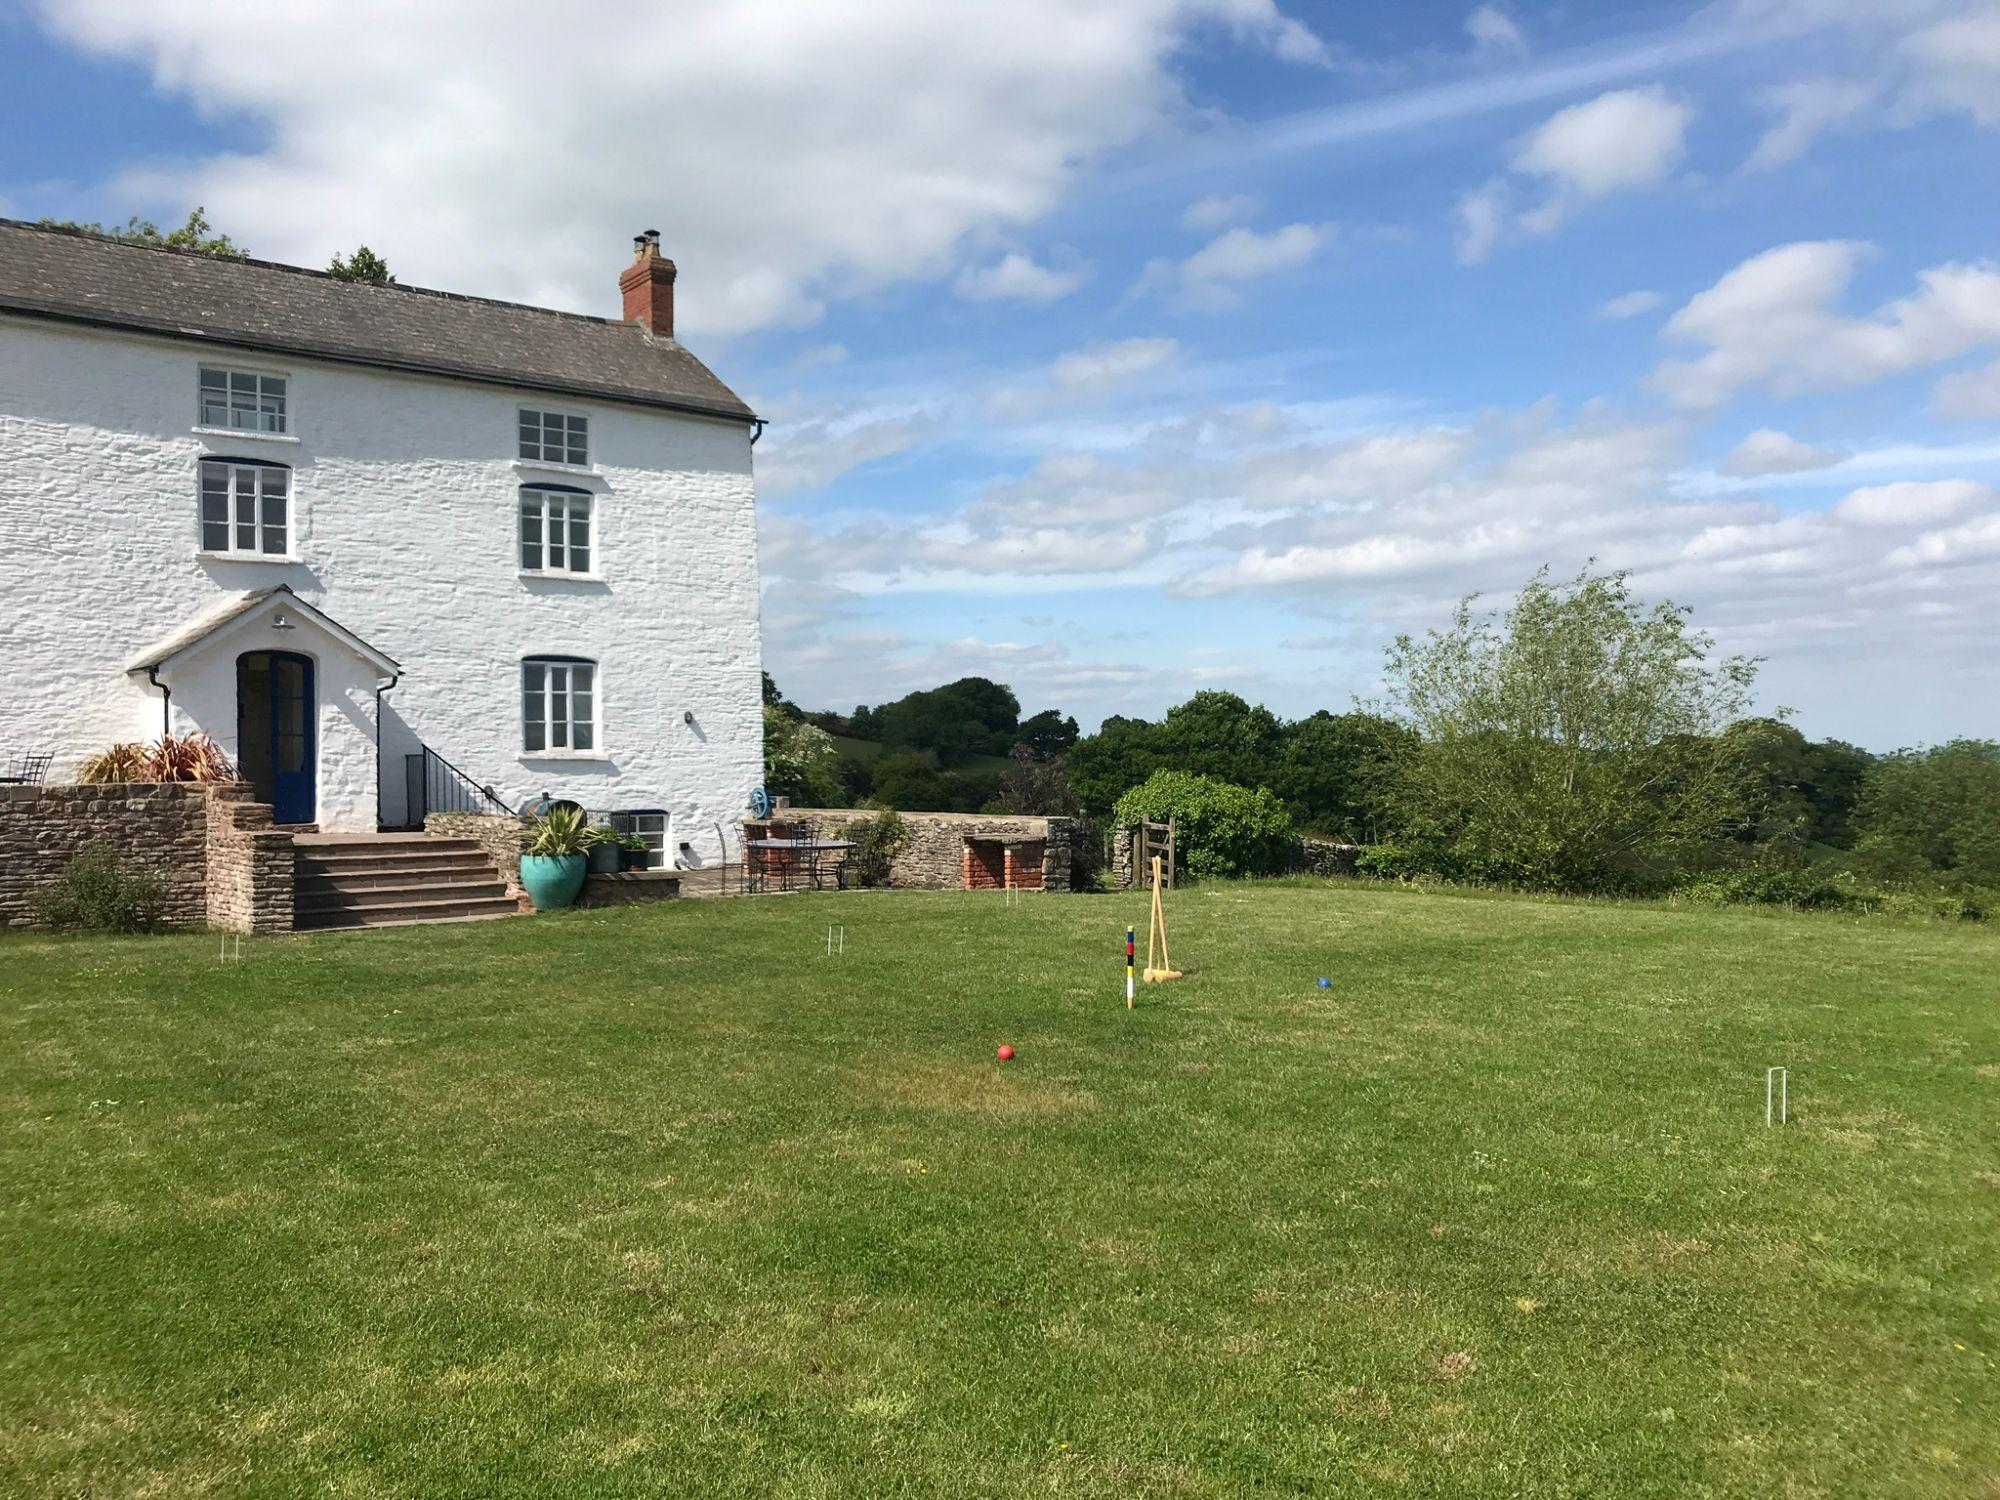 Wern-Y-Cwm Weddings and accomodation Wales croquet on the lawn